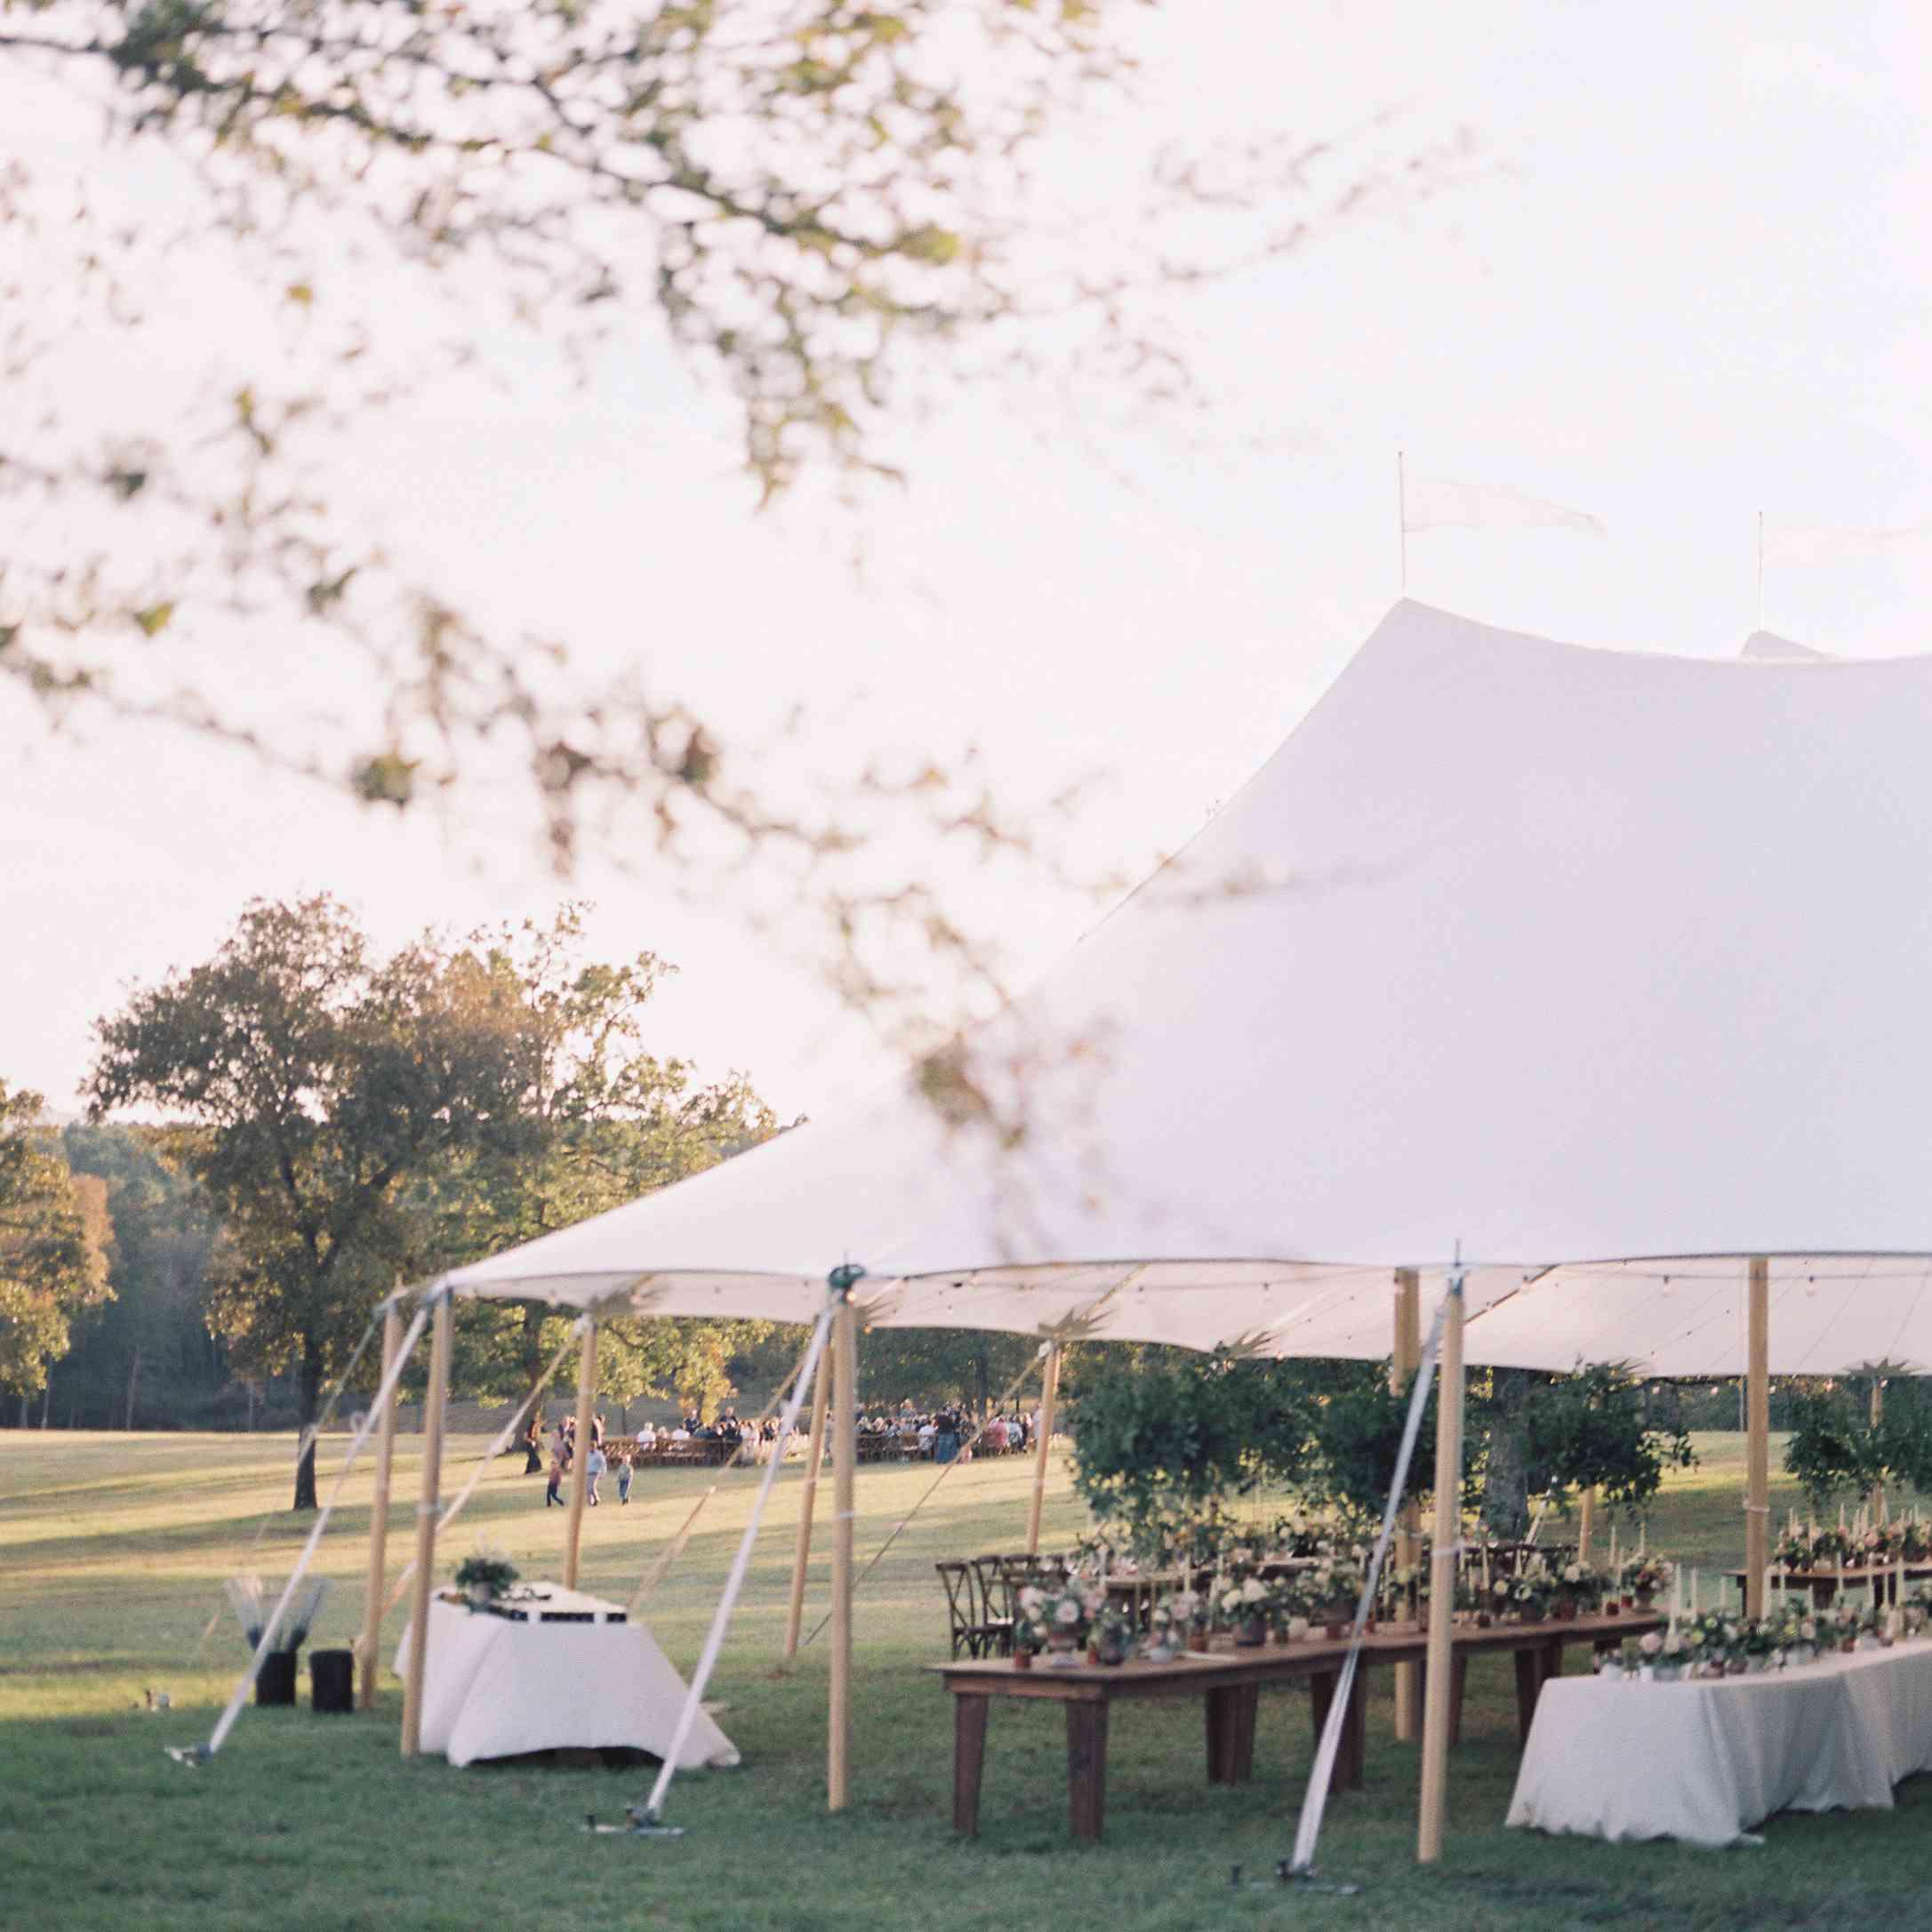 <p>Wedding reception Tent</p><br><br>